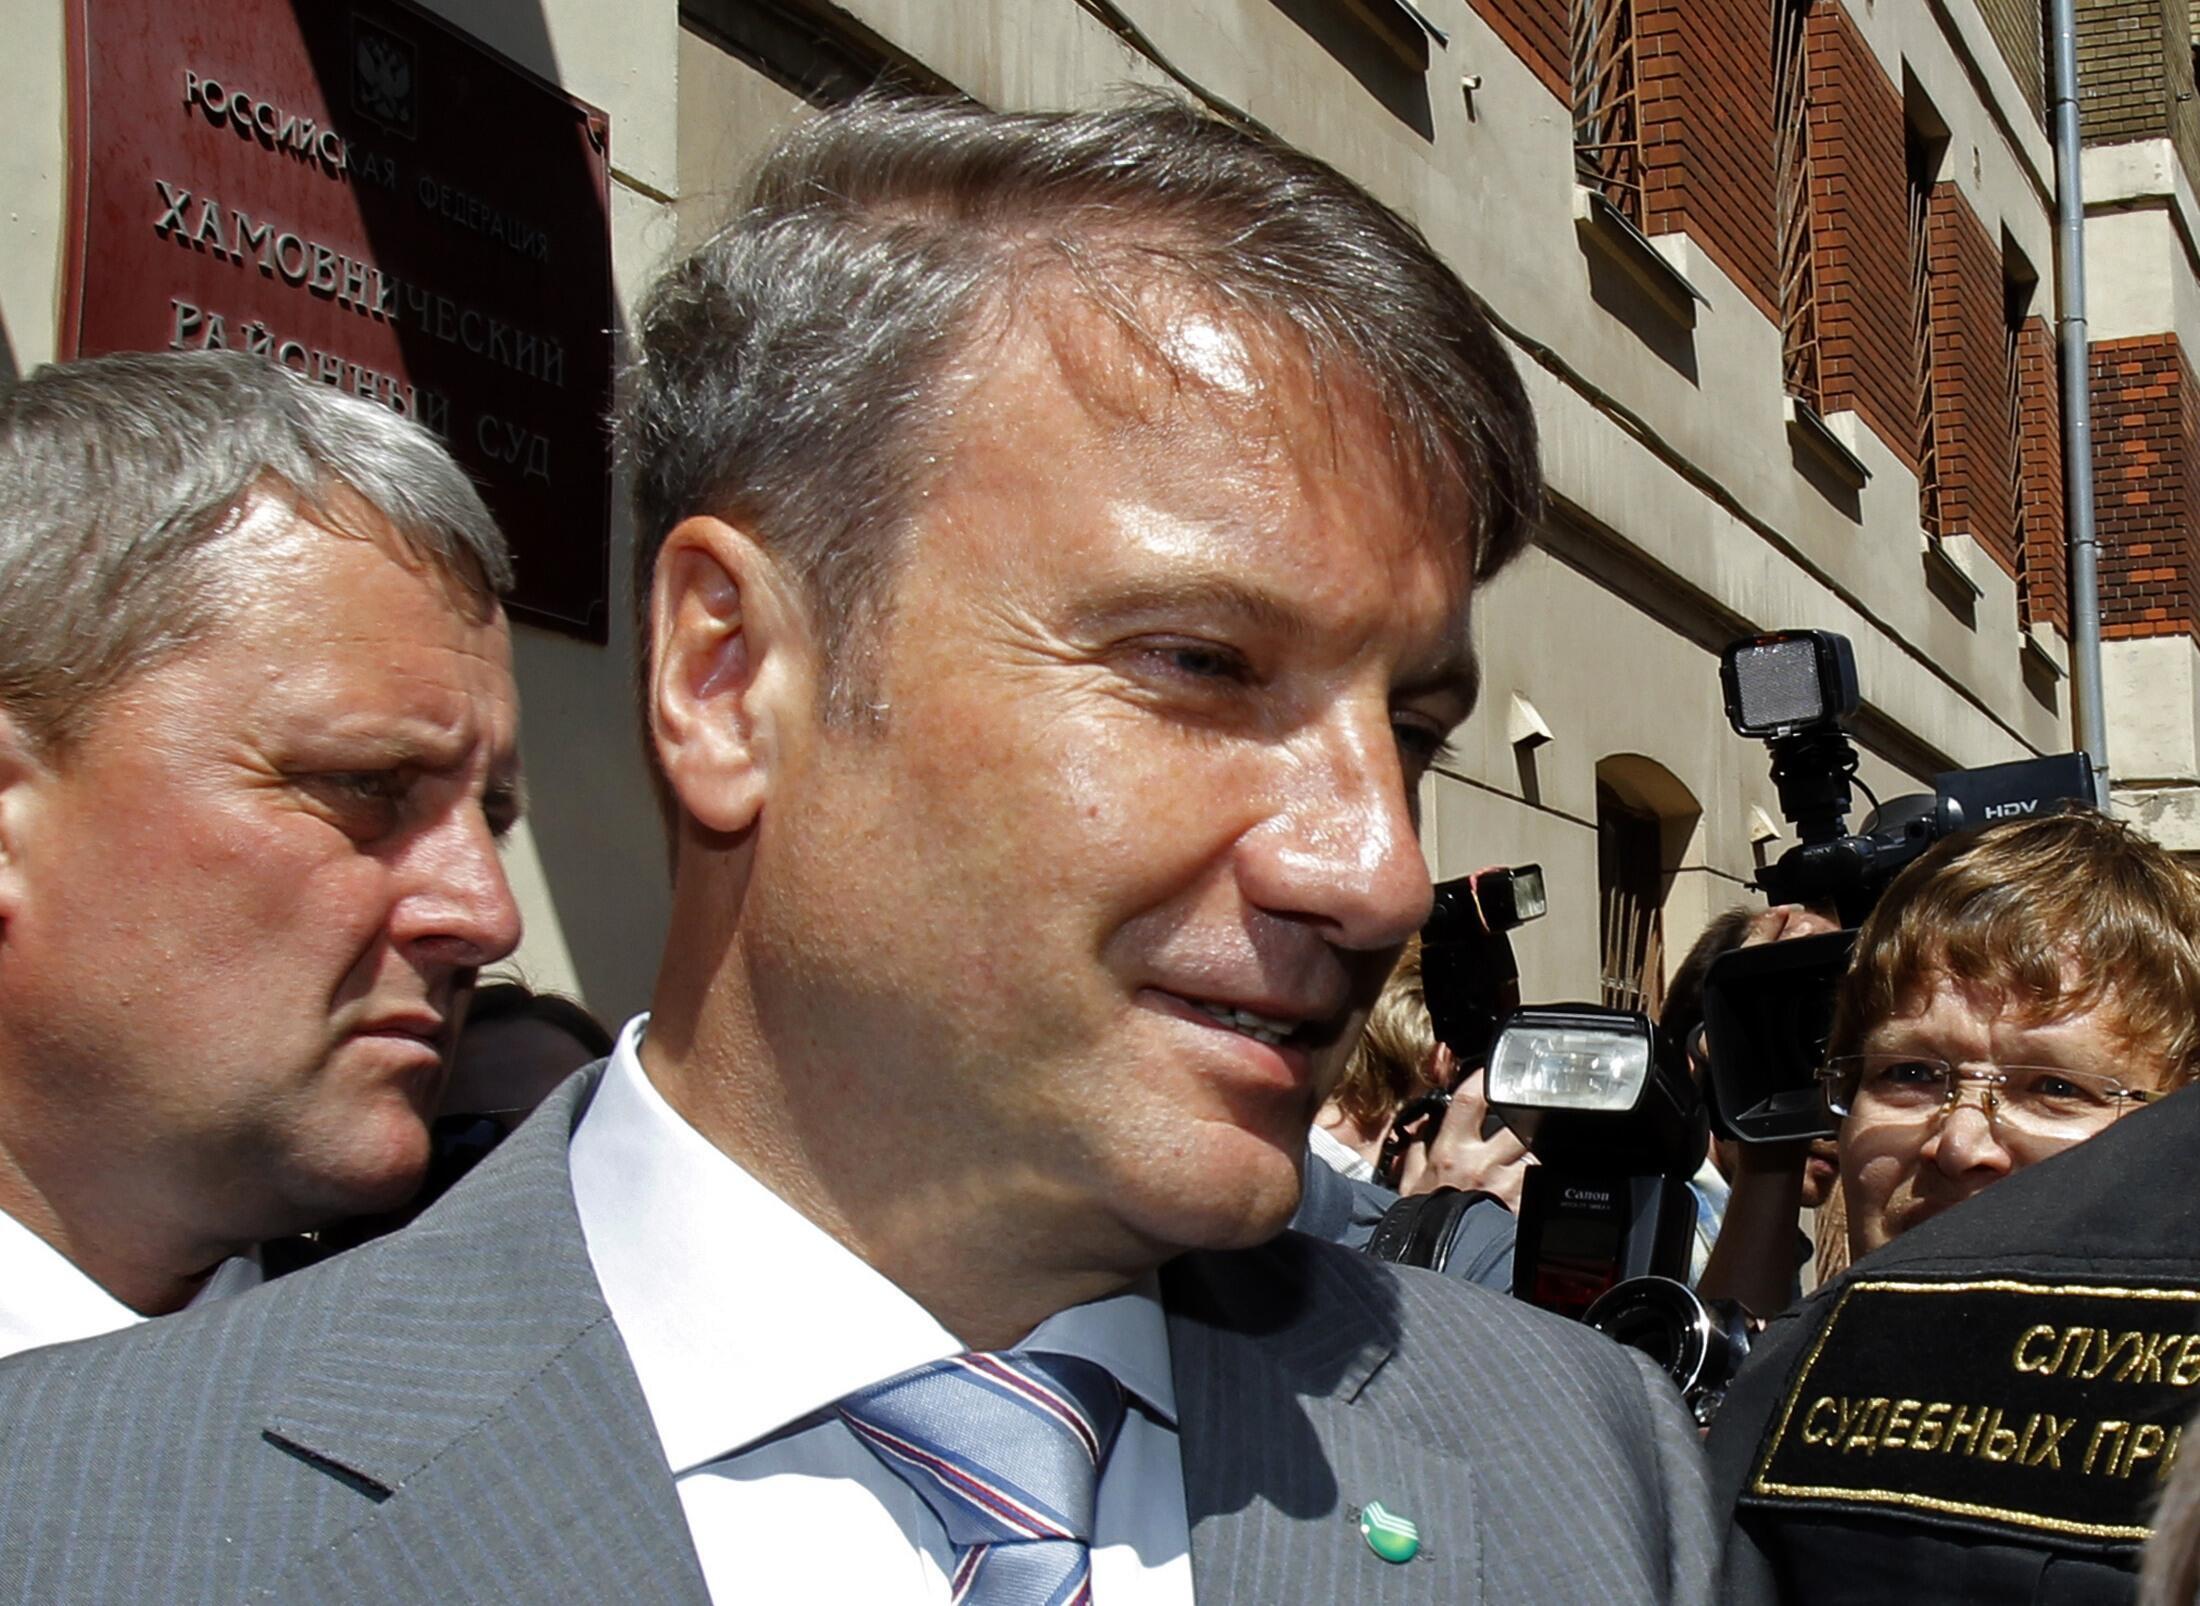 Герман Греф возле здания Хамовнического суда Москвы 21 июня 2010